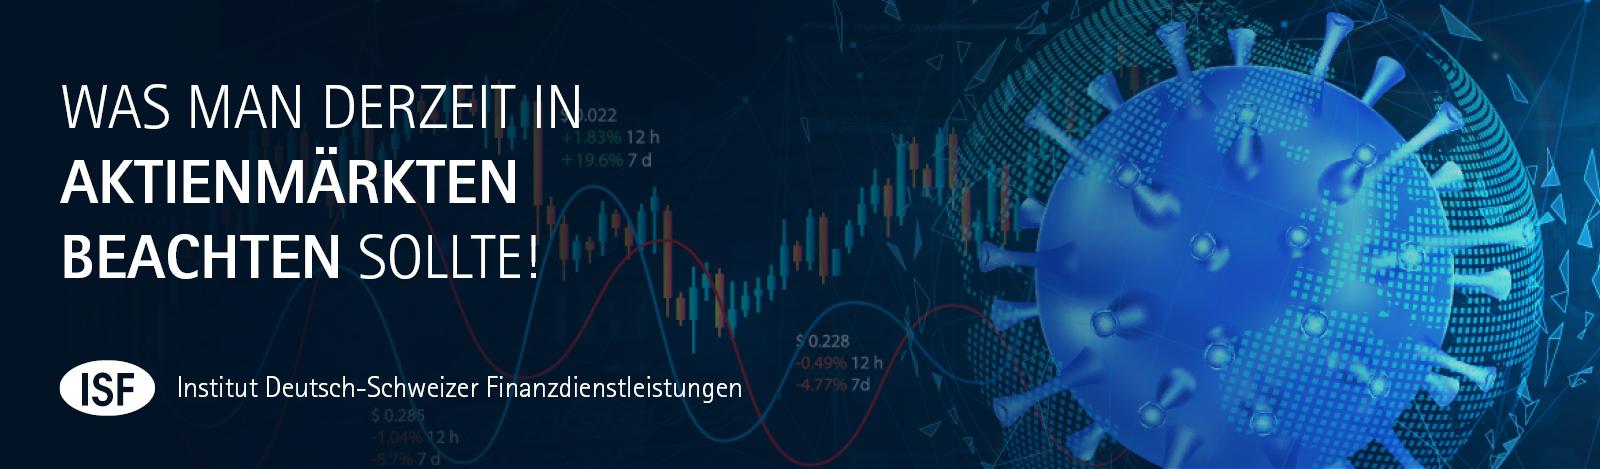 Was man derzeit in den Aktienmaerkten beachten sollte